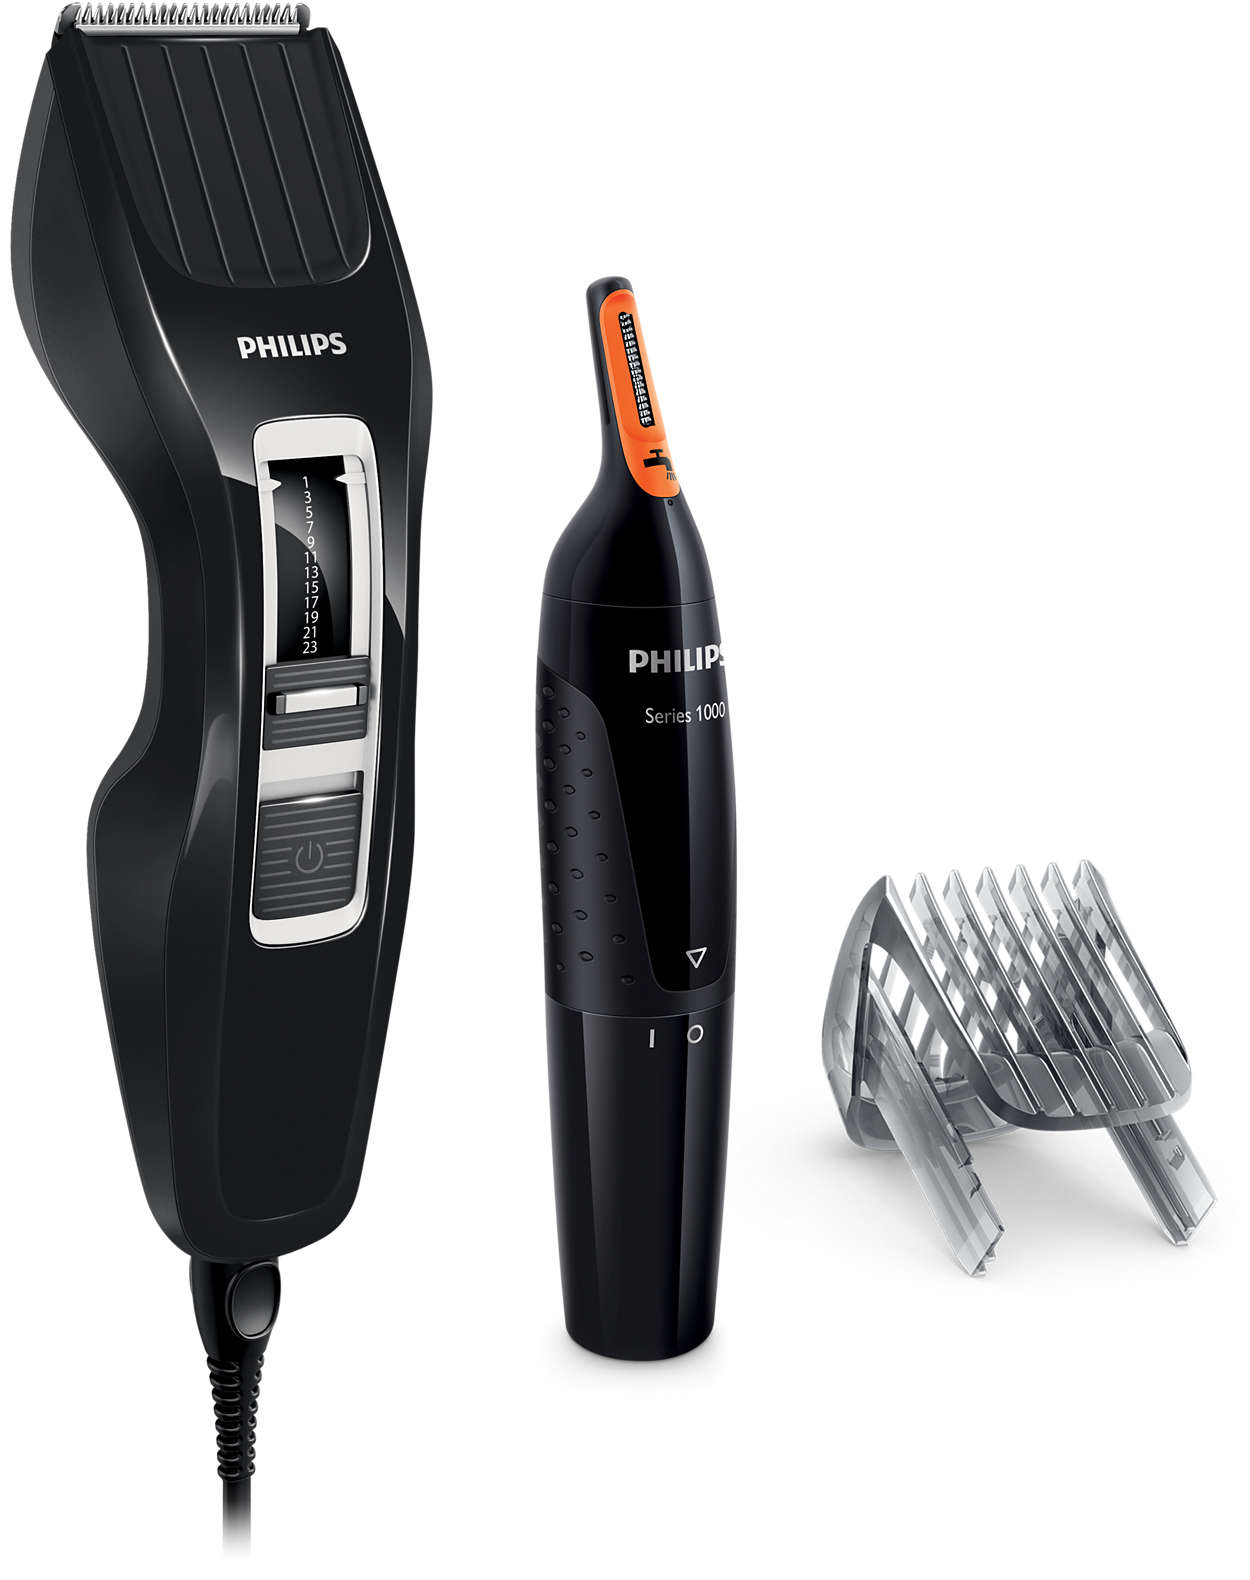 ZASTŘIHOVAČ vlasů řady 3000 – zastřihuje dvakrát rychleji*